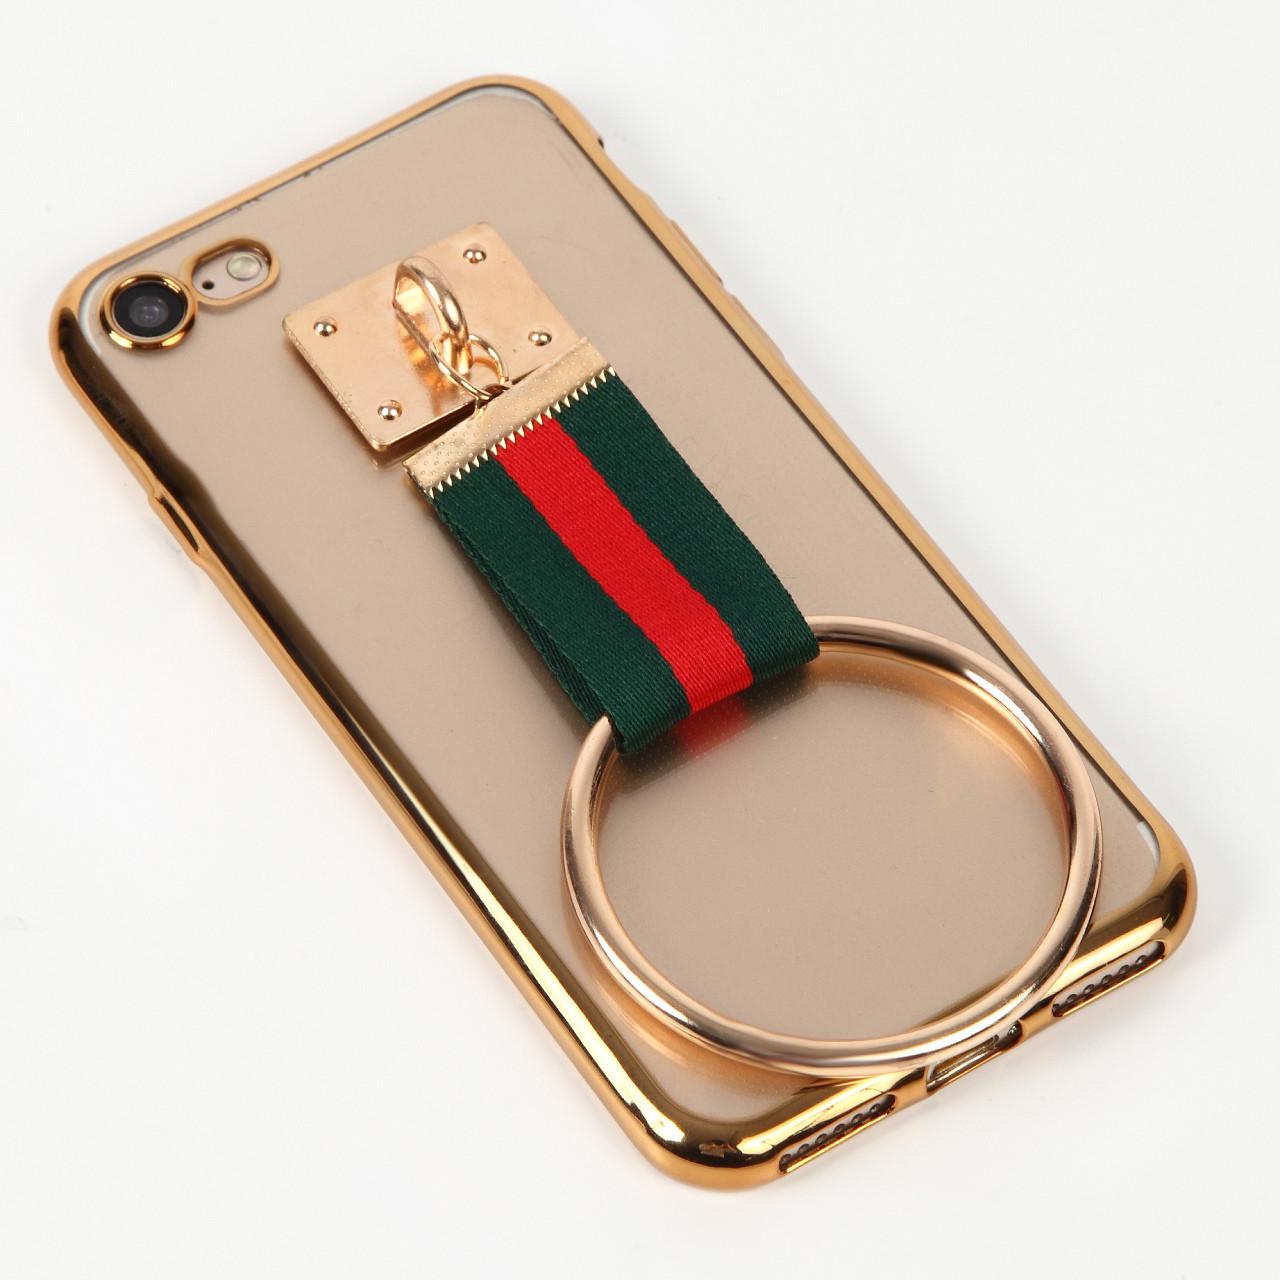 シンプルだけど他にはないリボンとリングがアクセントのiPhoneケース